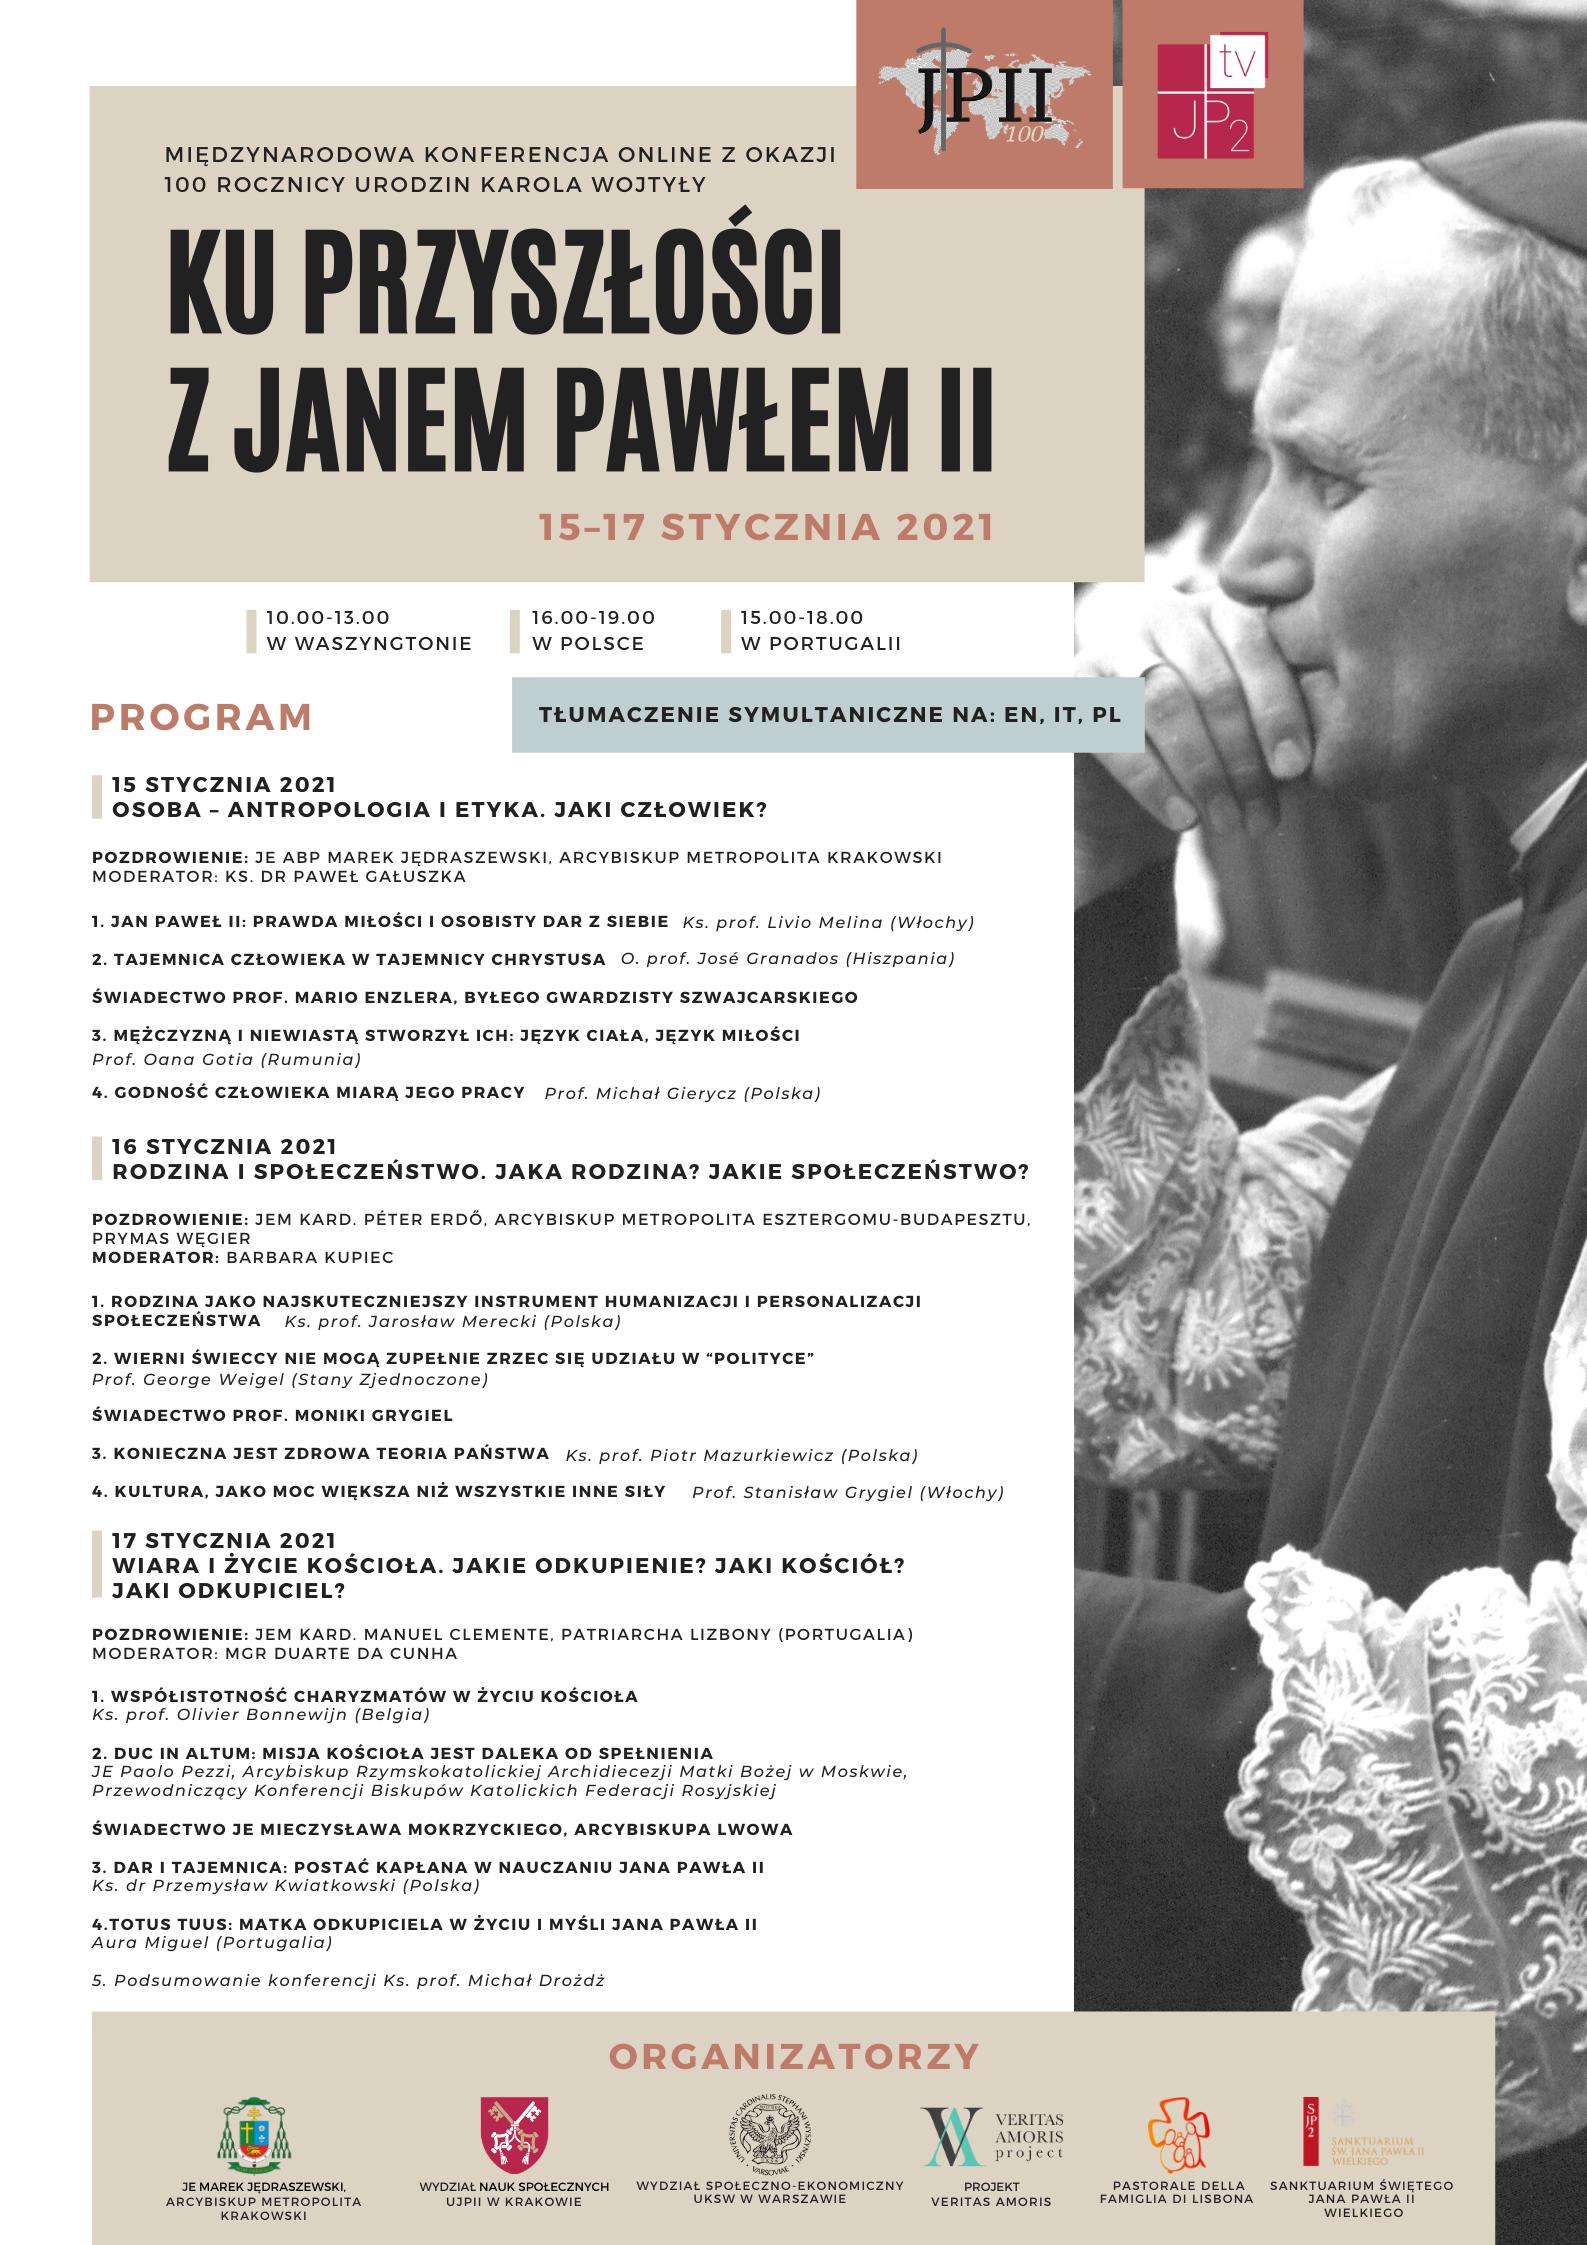 """1. Dzień Międzynarodowej Konferencji z okazji 100. rocznicy urodzin Karola Wojtyły """"Ku przyszłości z Janem Pawłem II"""""""